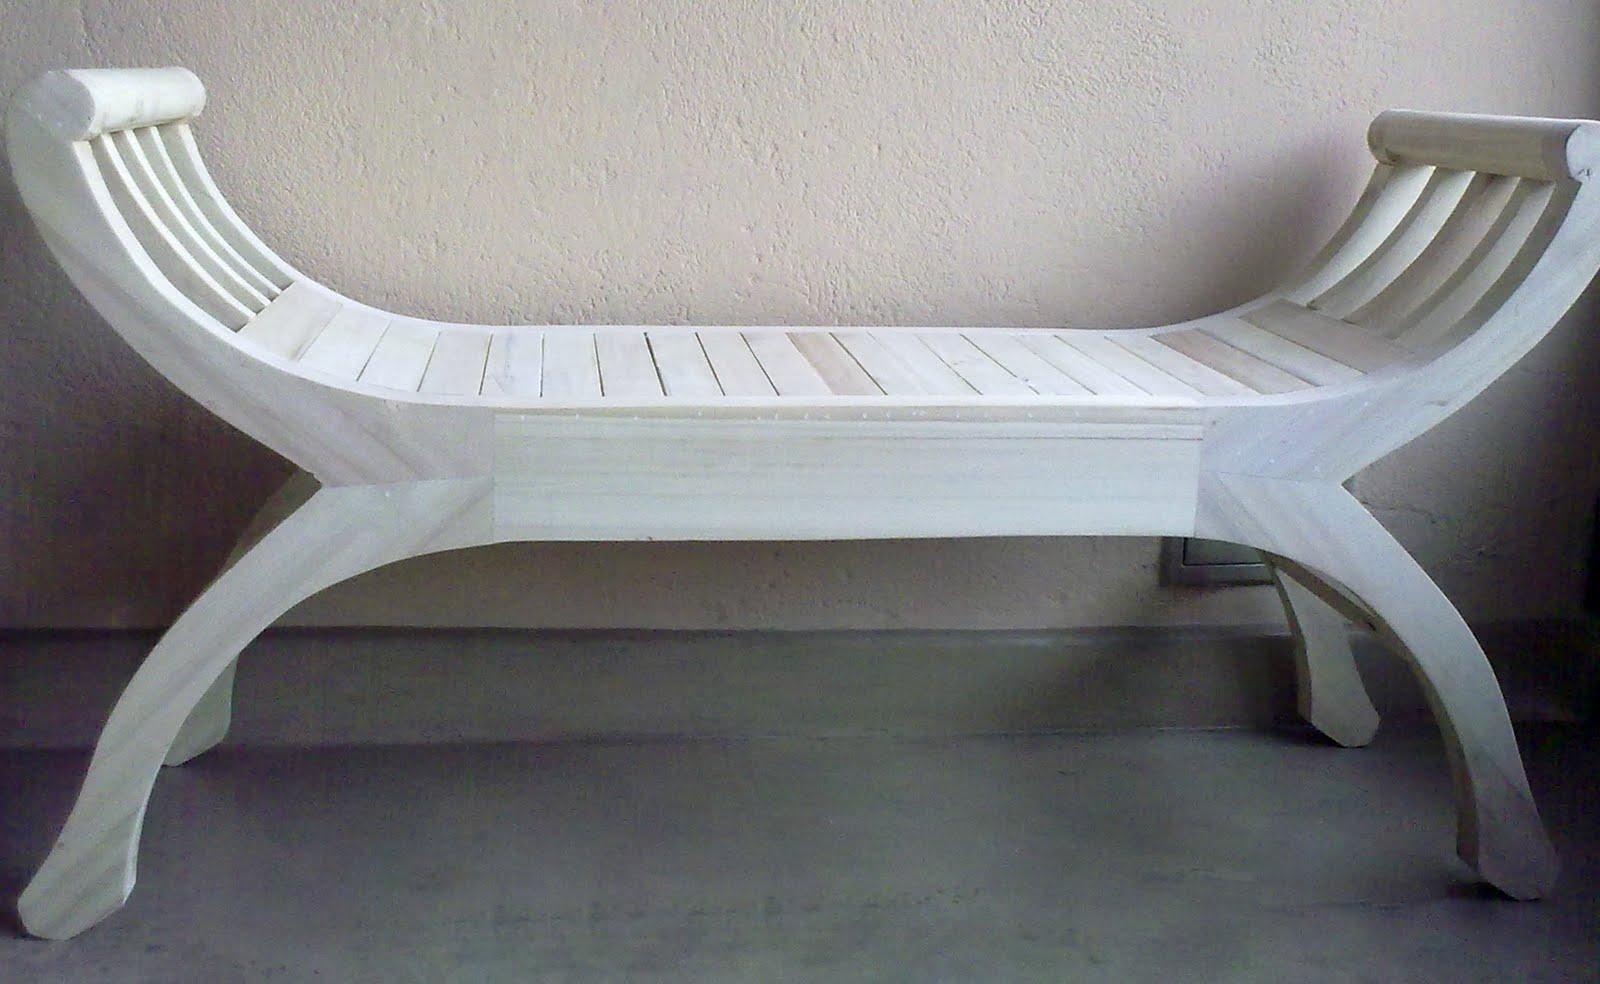 Banco banqueta taburete silla madera pie de cama 1 plaza for Taburete pie de cama